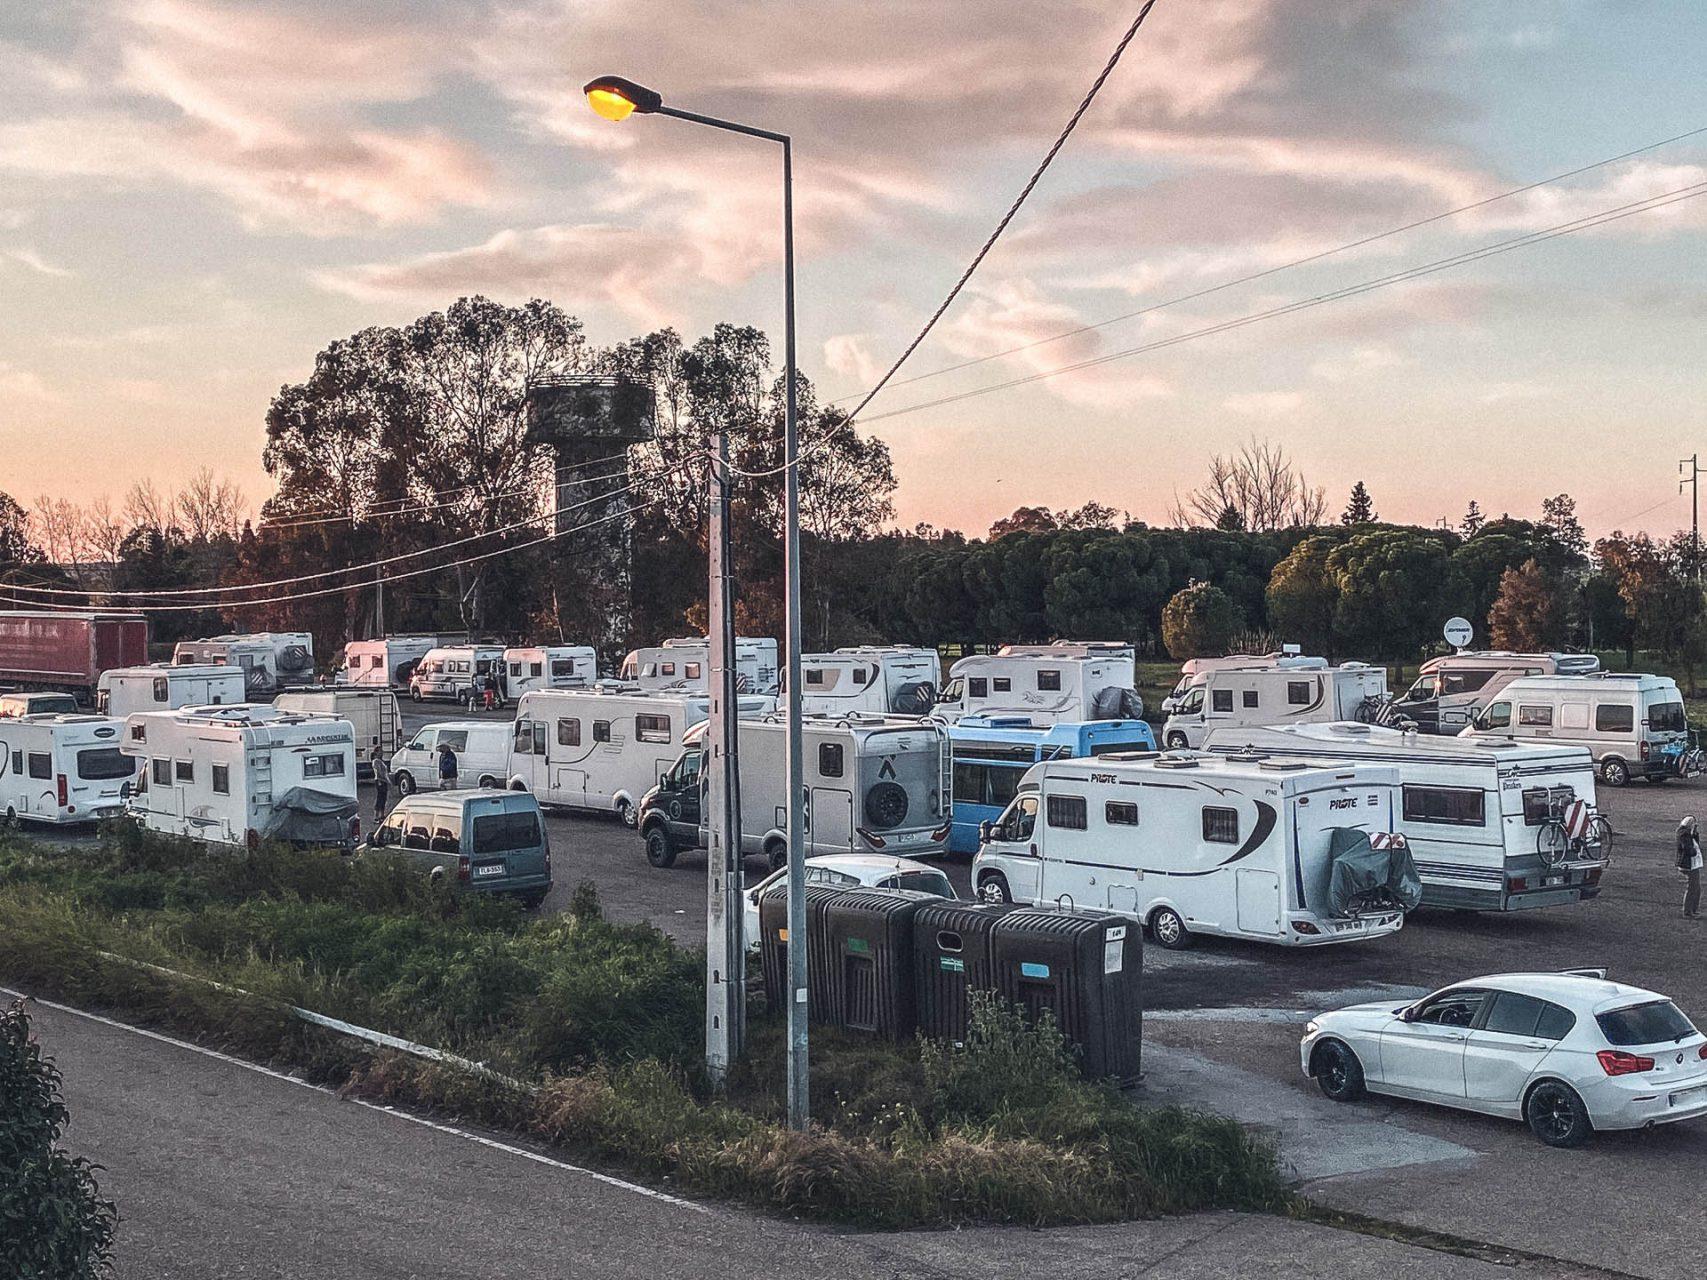 Portugal – Camper, Wohnmobile warten an der Grenze zu Spanien auf die Einreise